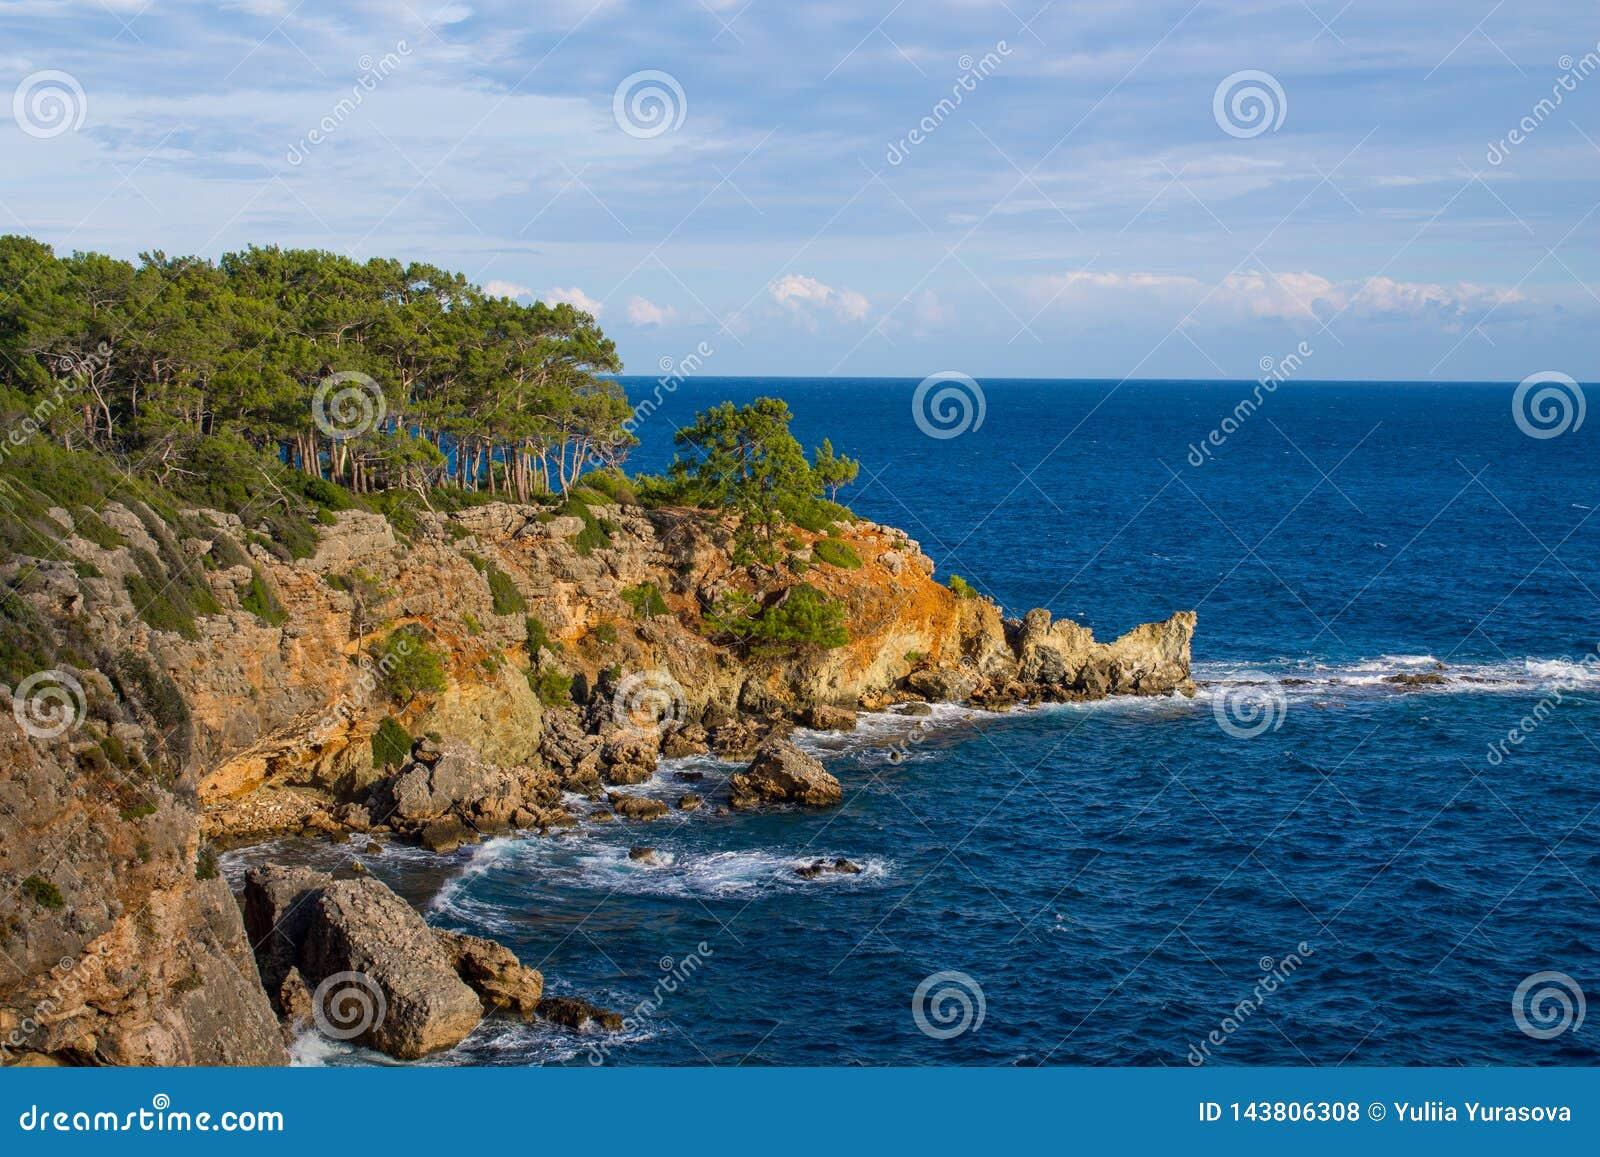 美丽的岩石陡峭的海岸和大波浪